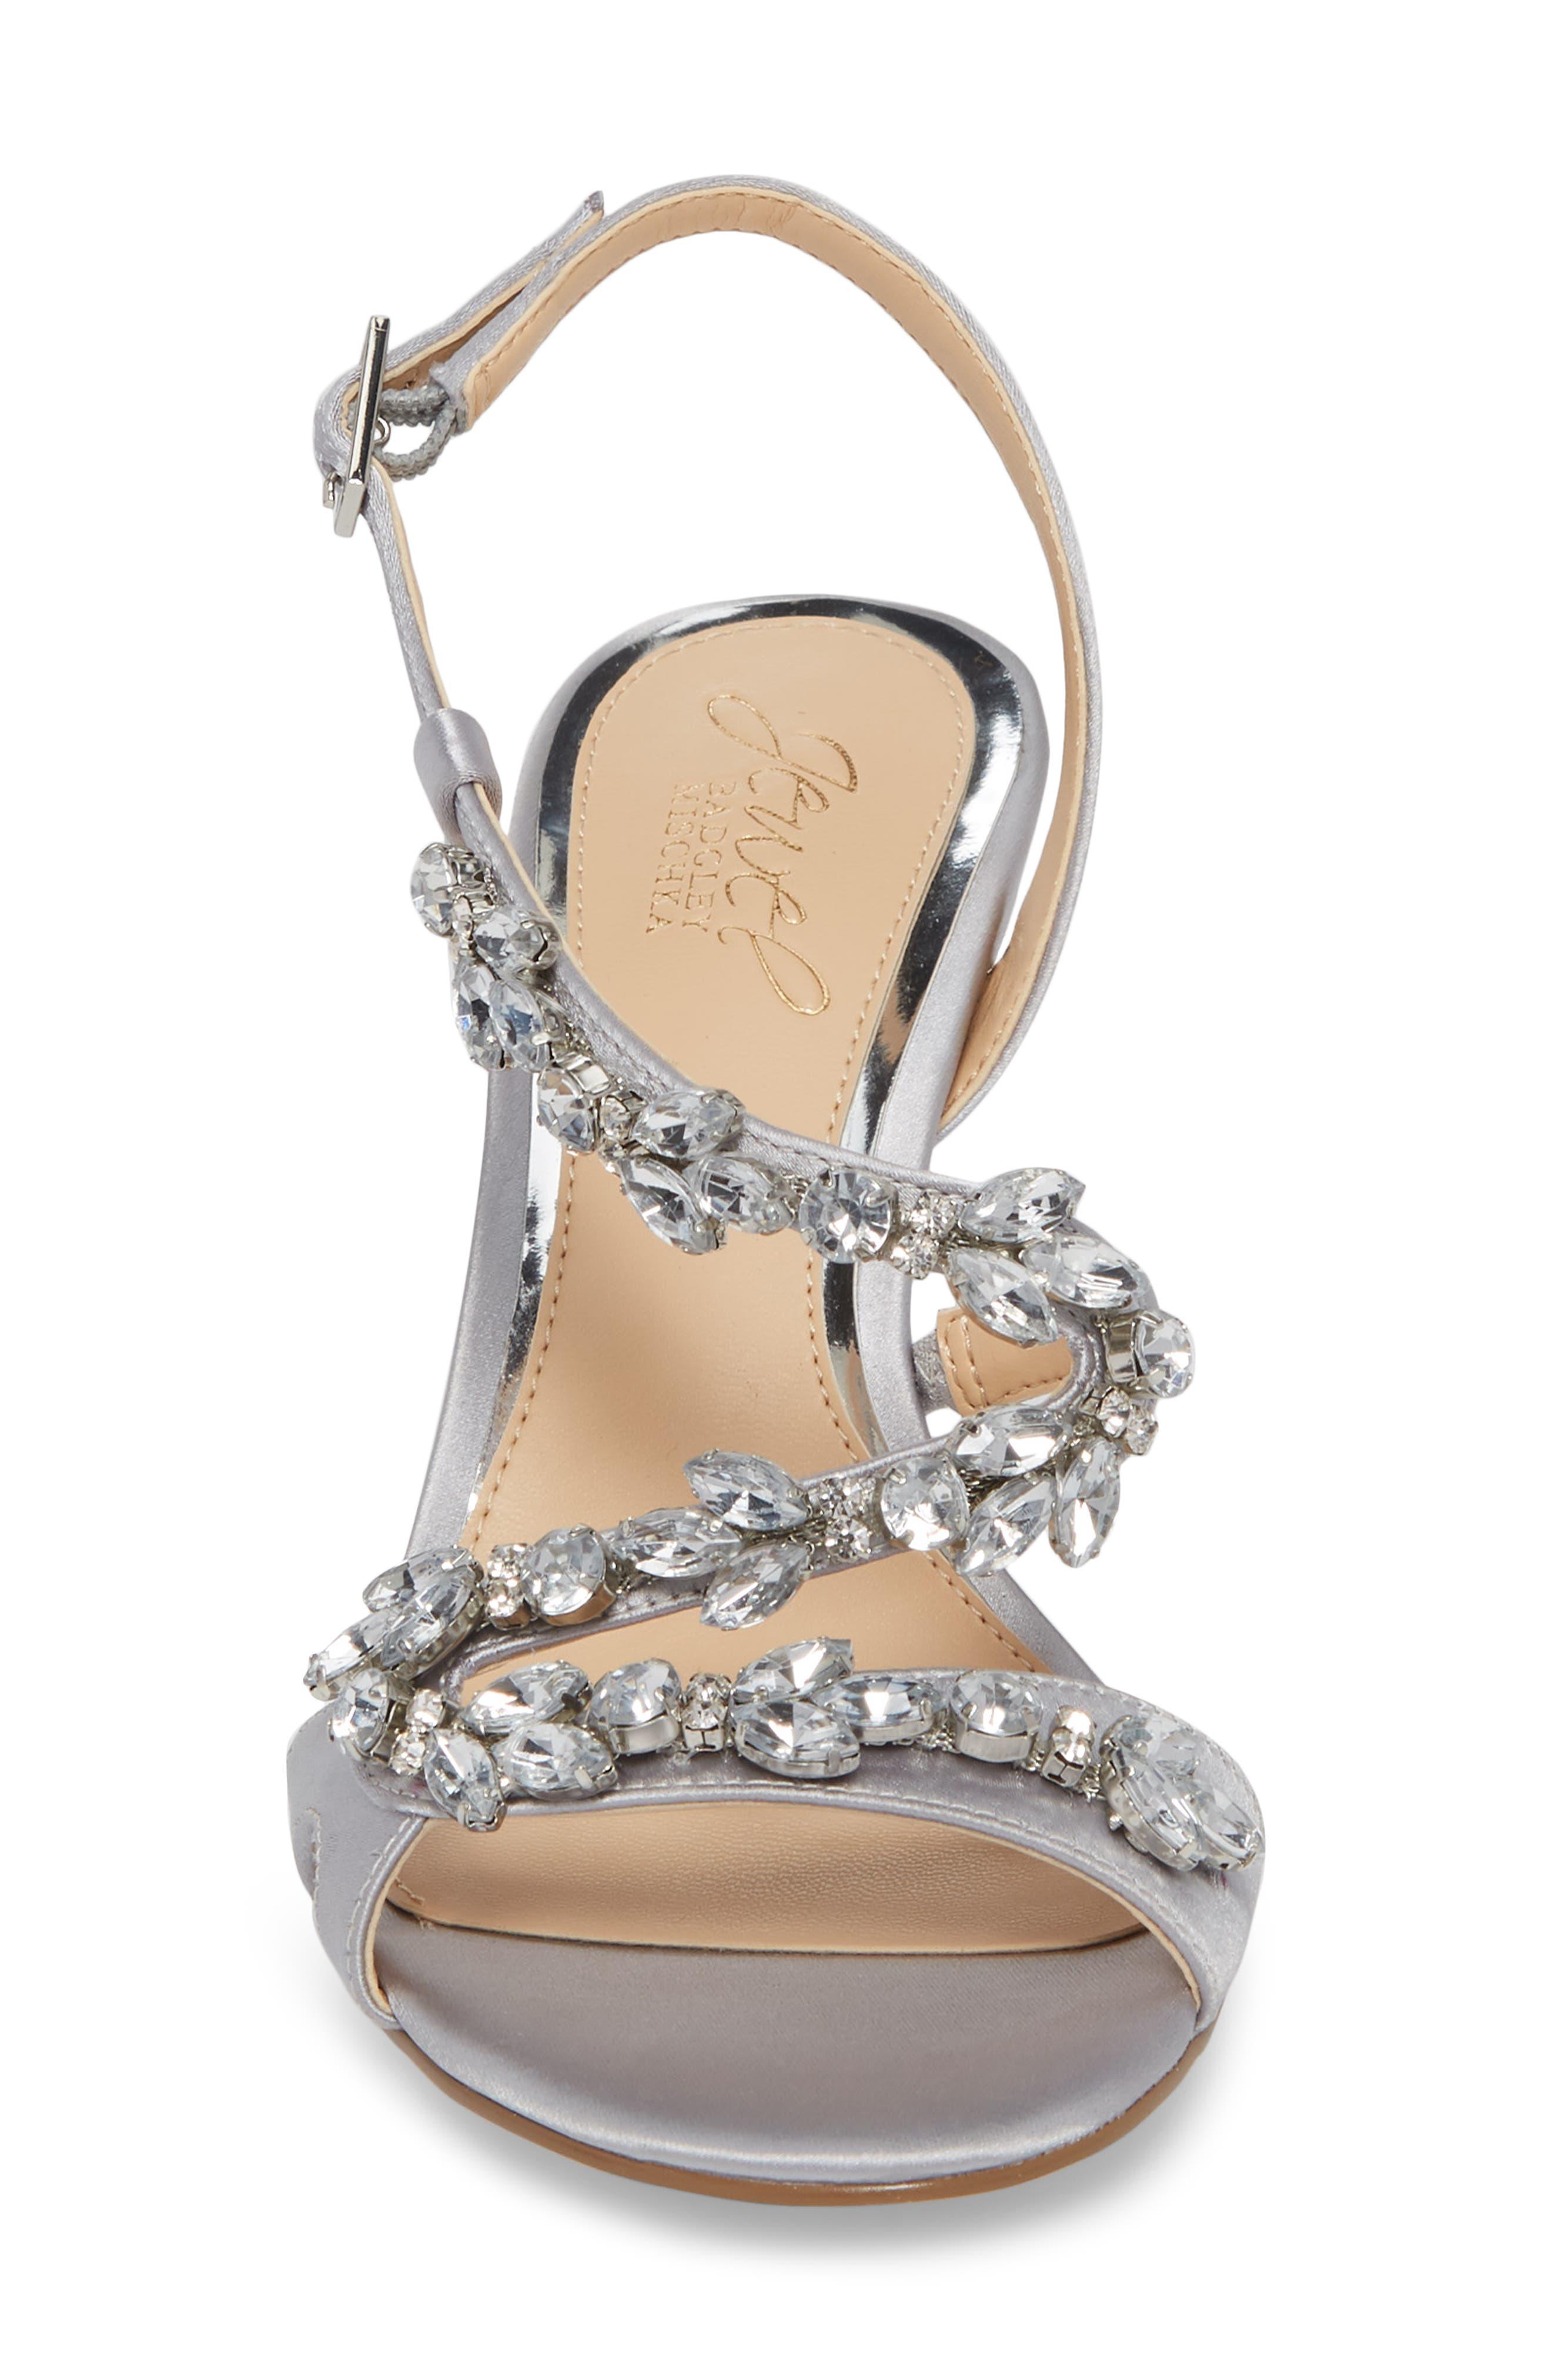 Badgley Mischka Ganet Embellished Sandal,                             Alternate thumbnail 4, color,                             045